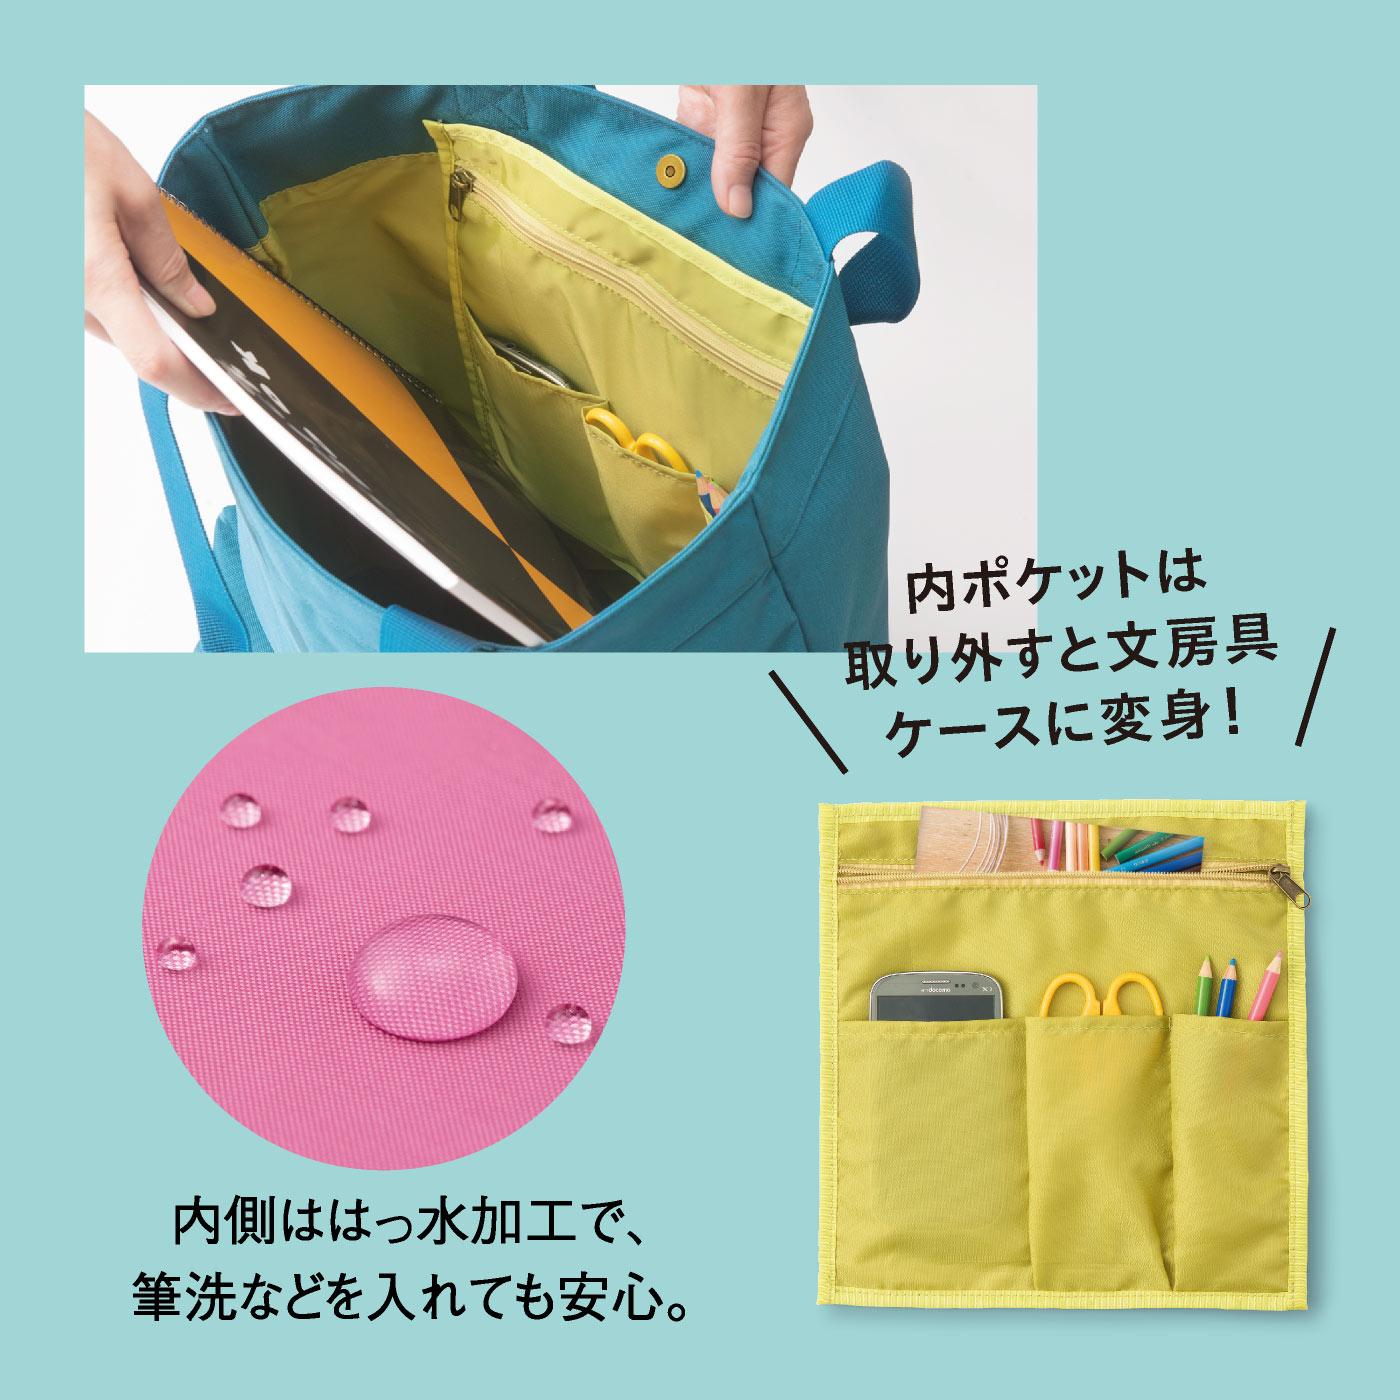 はっ水加工をほどこした内側には小物類の収納に便利なポケット付き。取り外せるので、文房具ケースとしても使えます。A5サイズのノートもすっぽり、筆洗なども躊躇せず入れられる!(裏地はピンクです。)